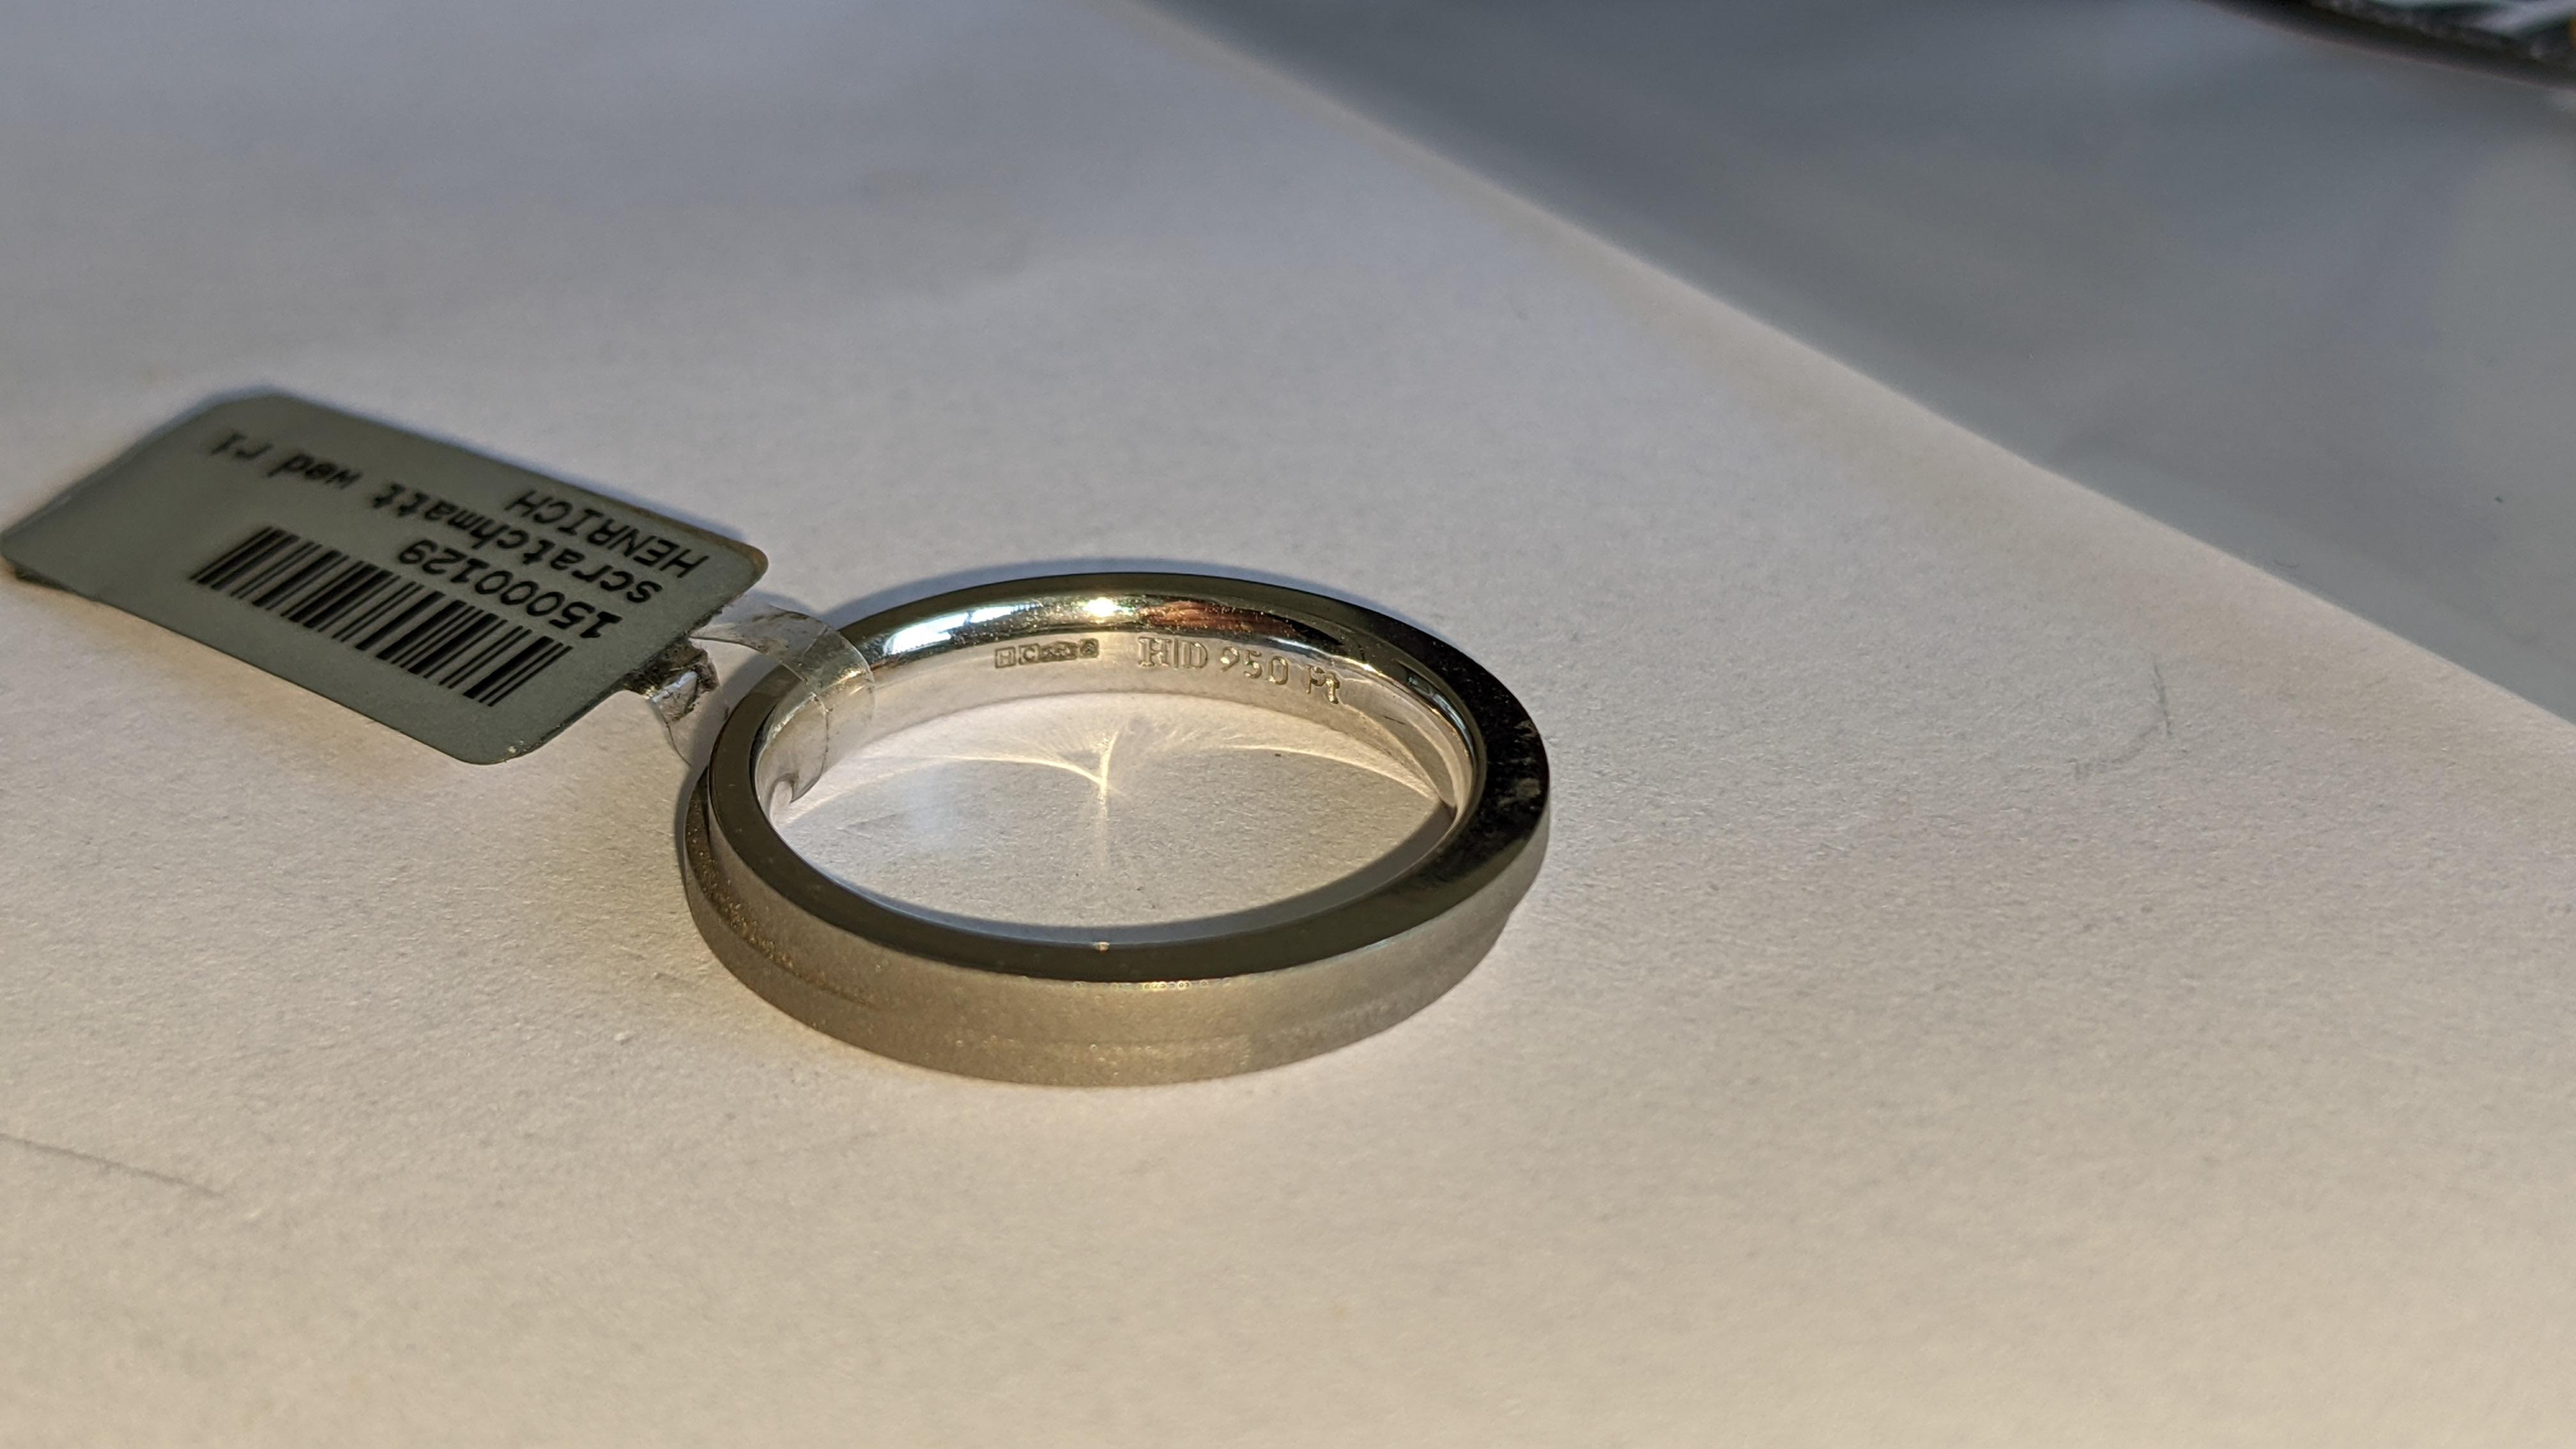 Platinum 950 wedding ring. RRP £1,120 - Image 10 of 13